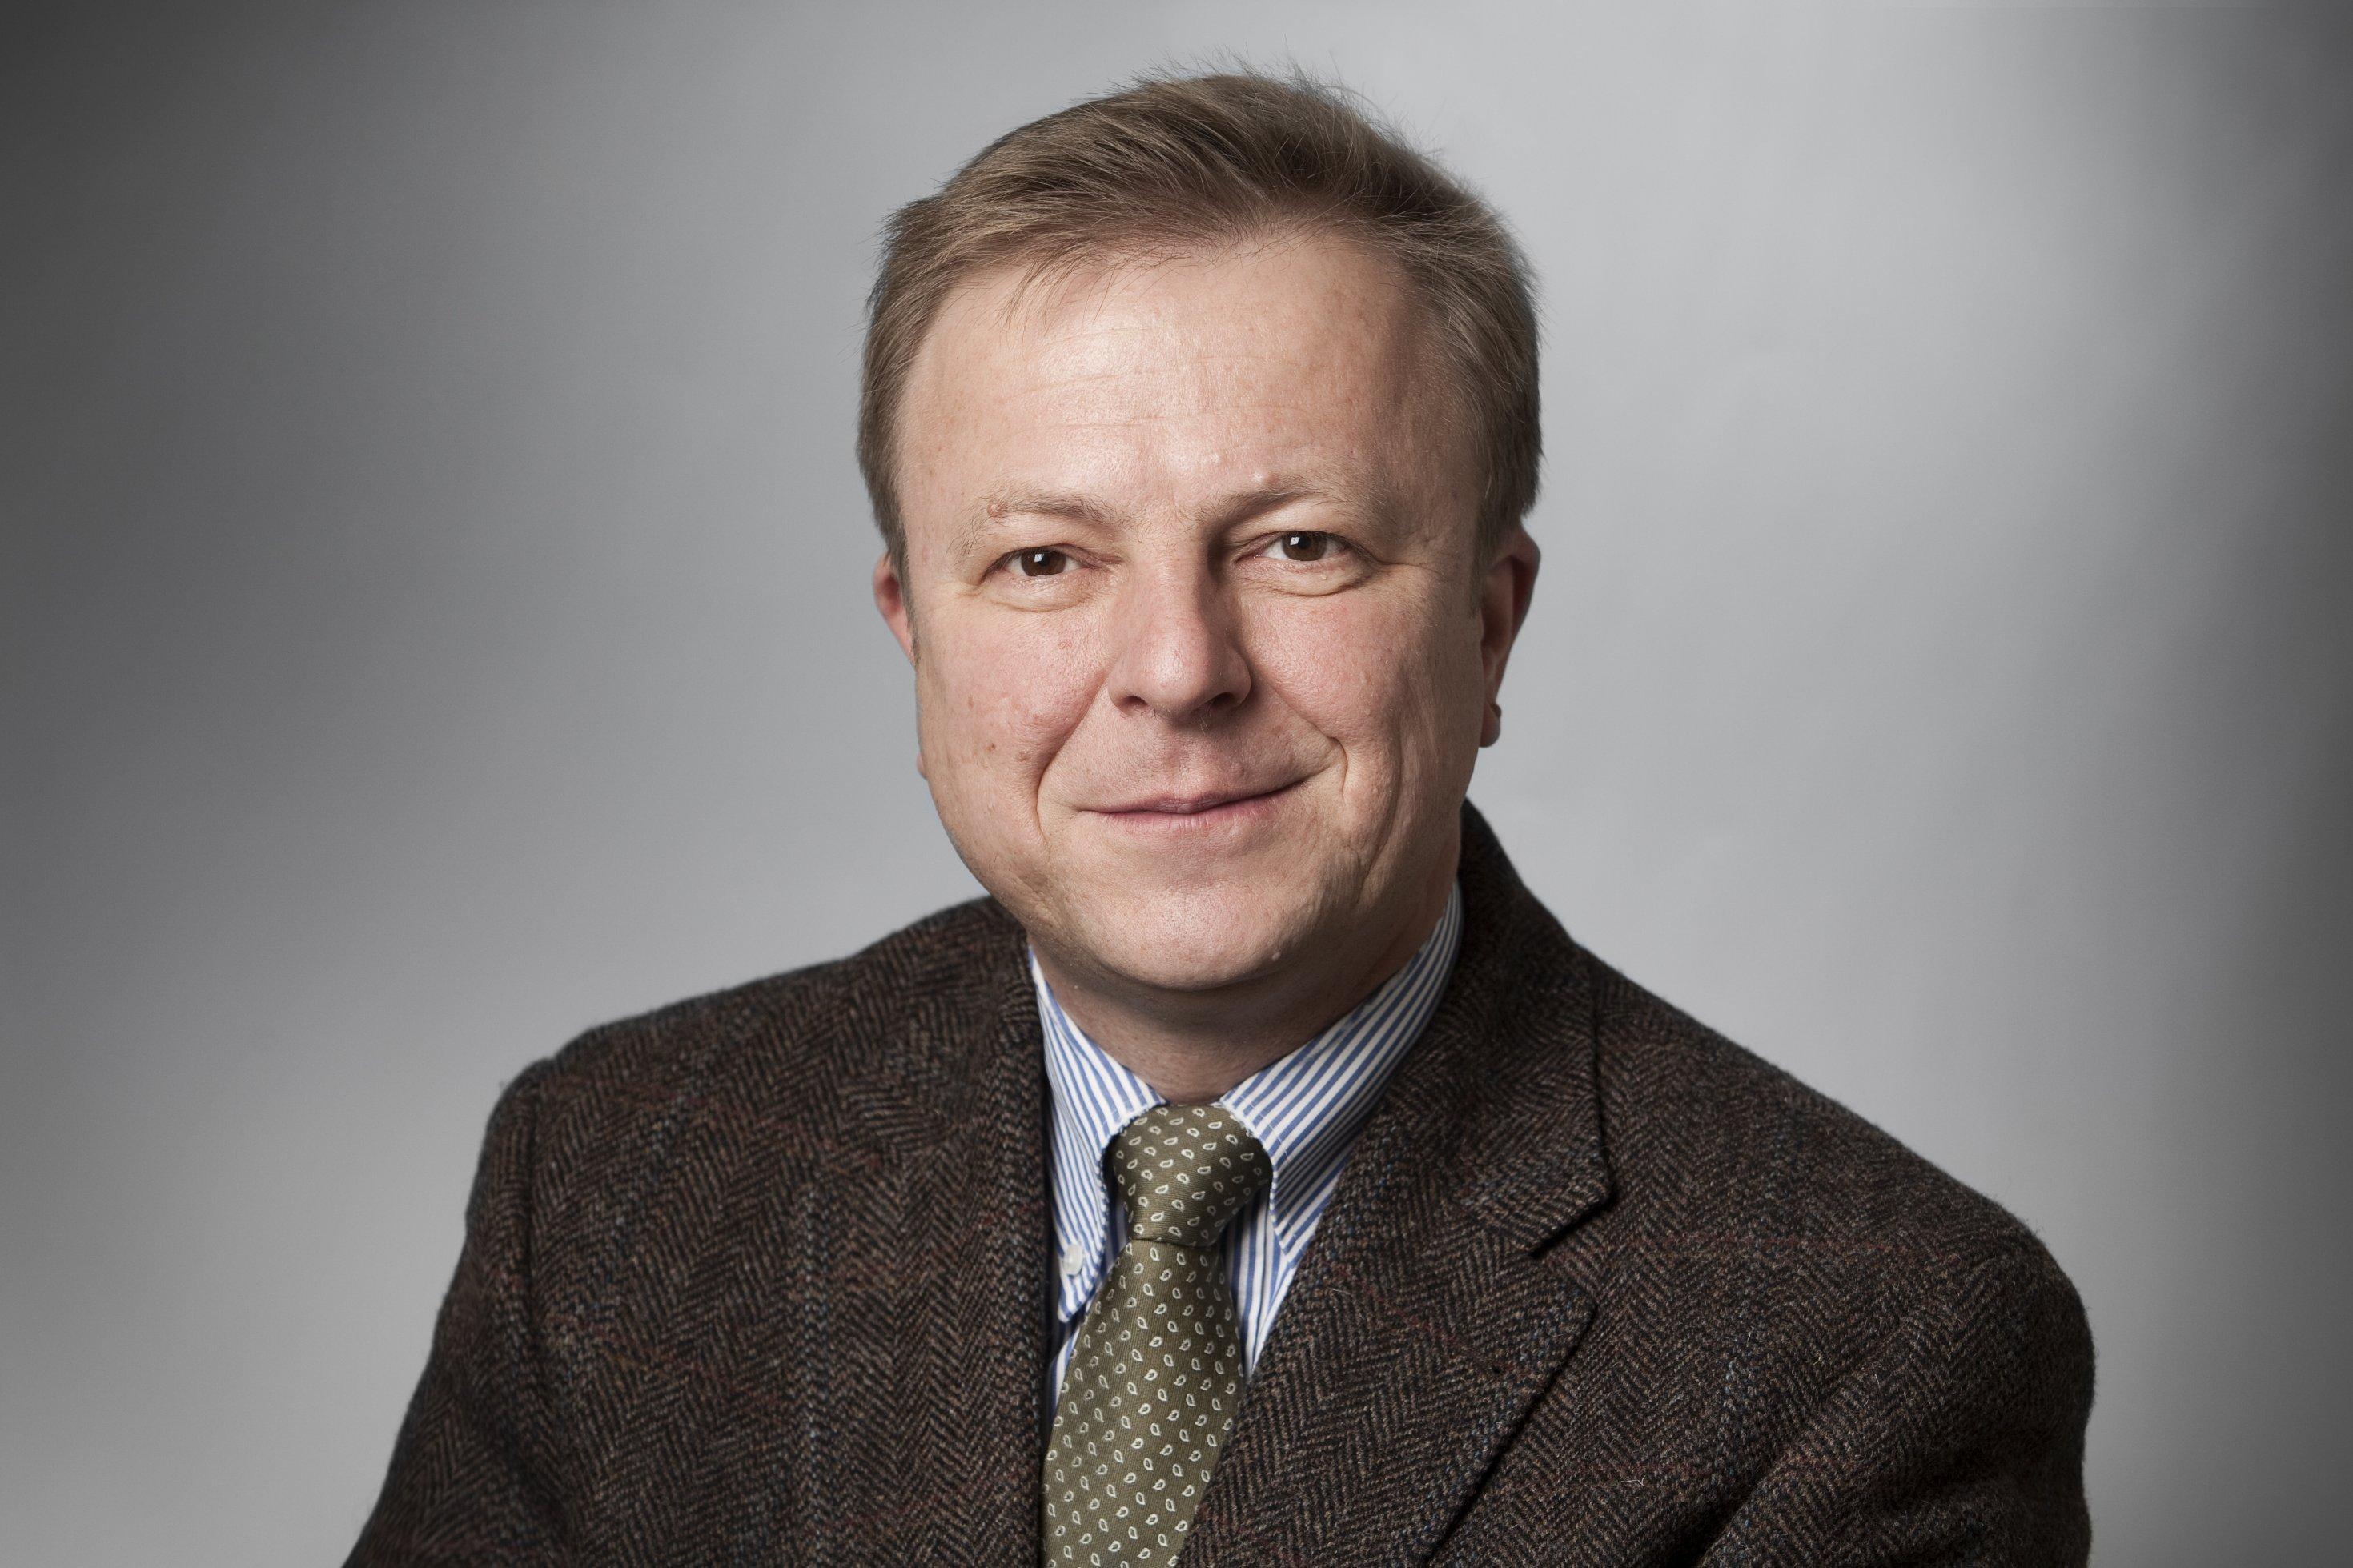 Stephan Hobe Portrait.